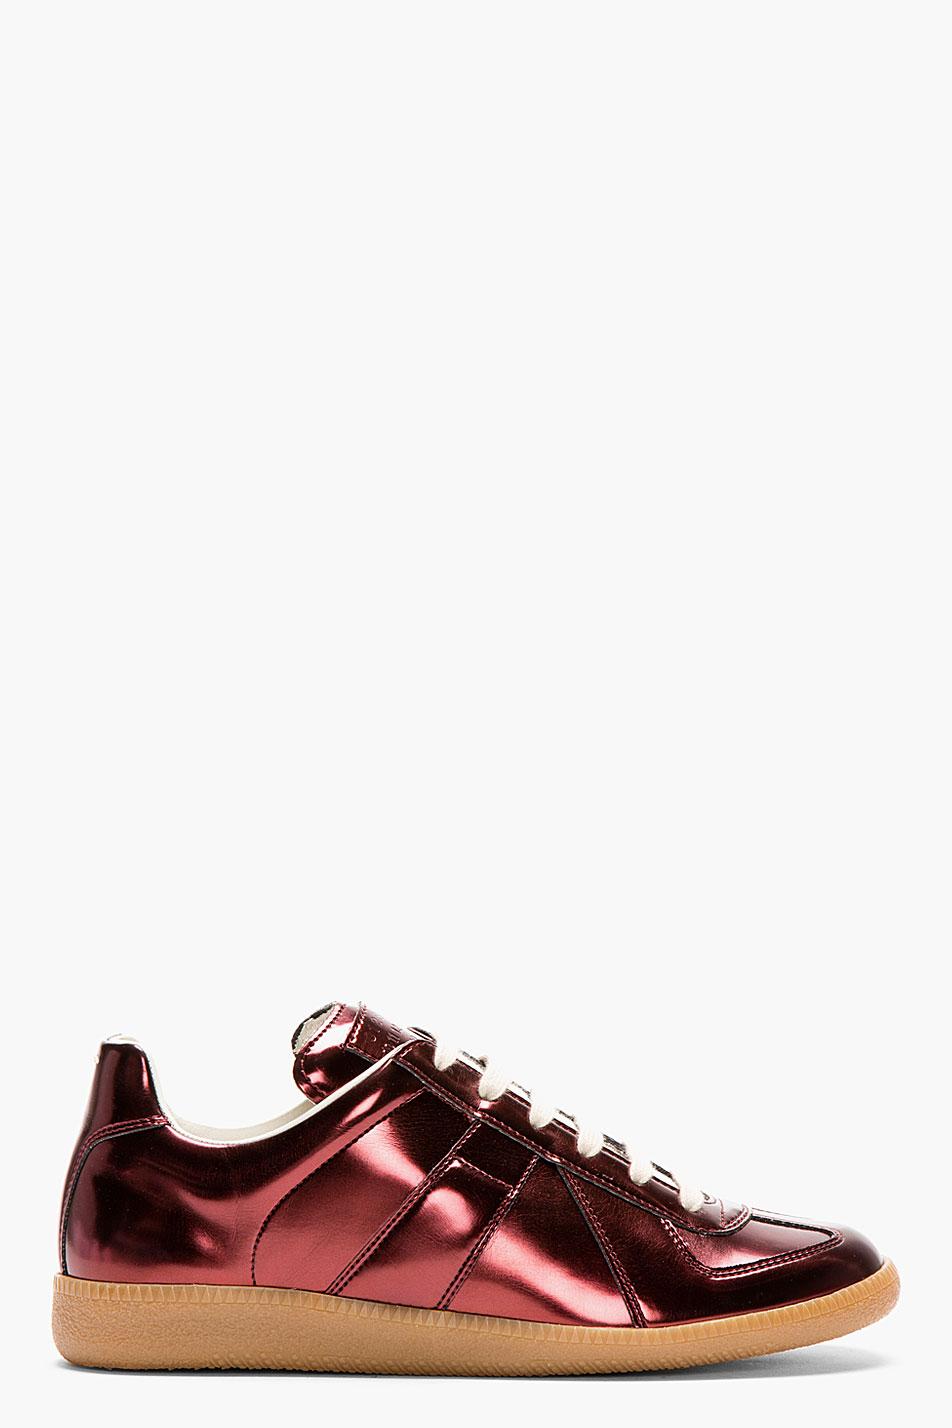 maison martin margiela burgundy metallic replica sneakers